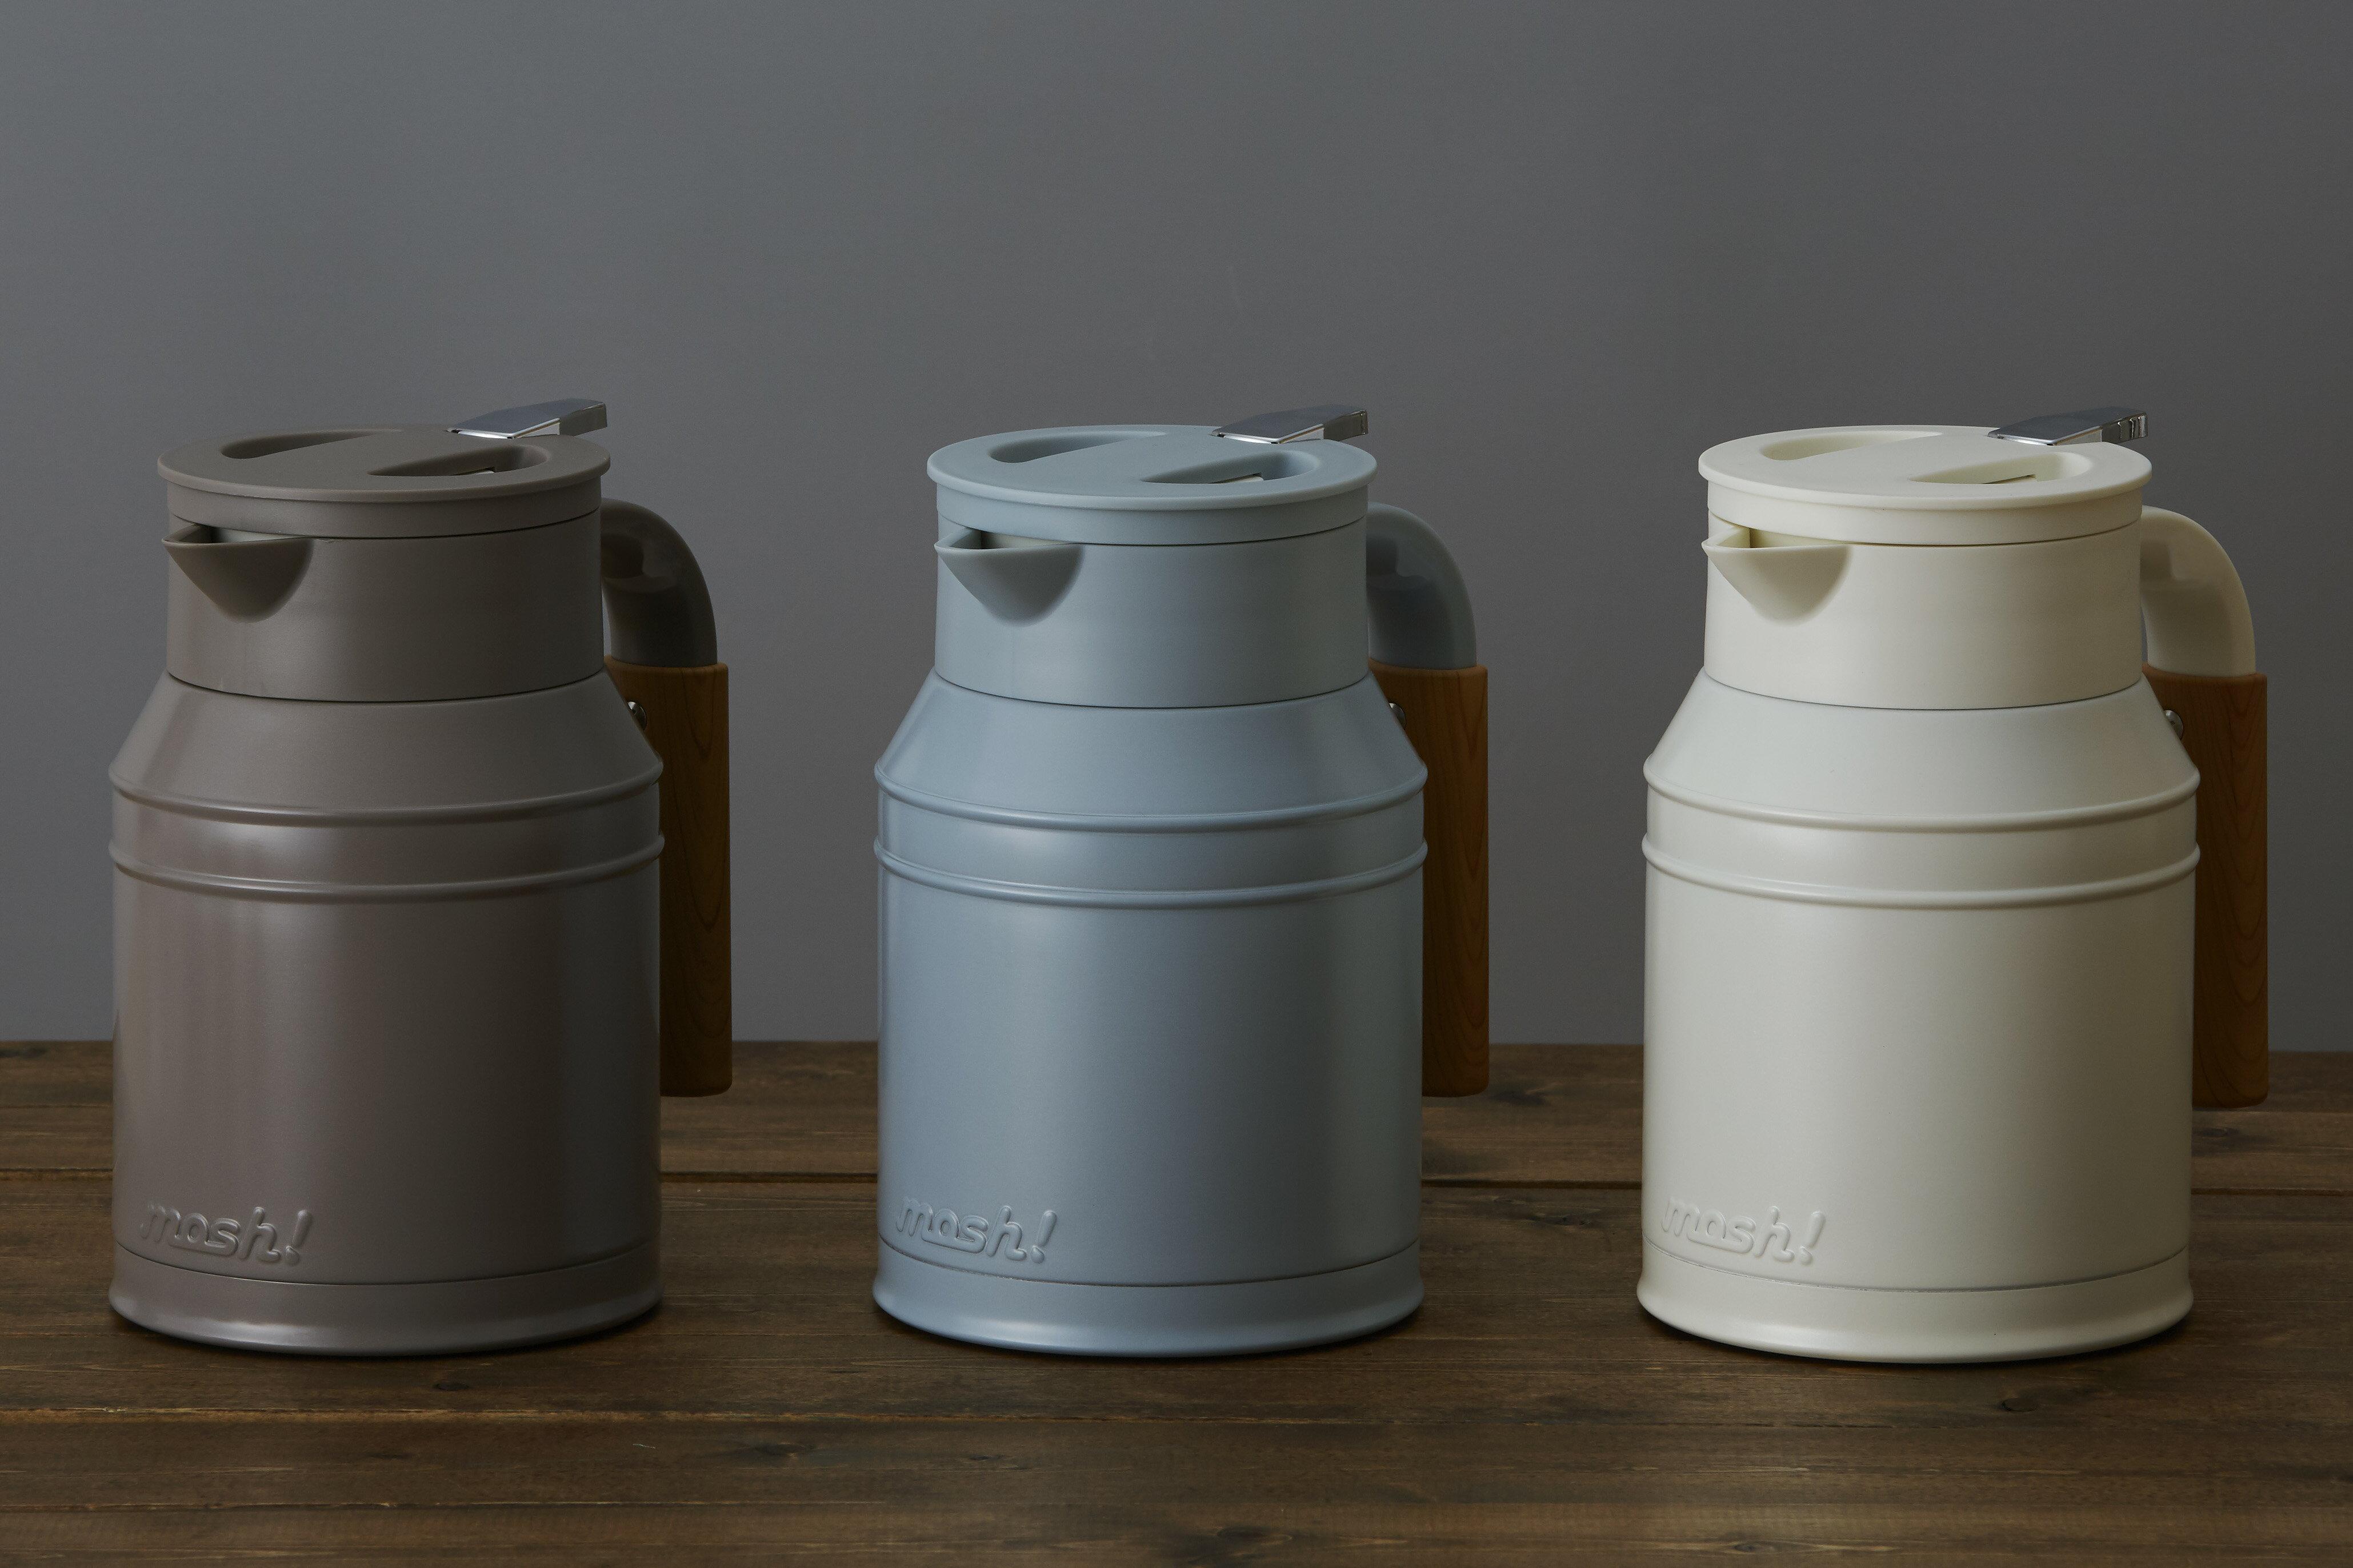 【日本mosh!】牛奶白 牛奶罐保溫壺 (1000ml) 5